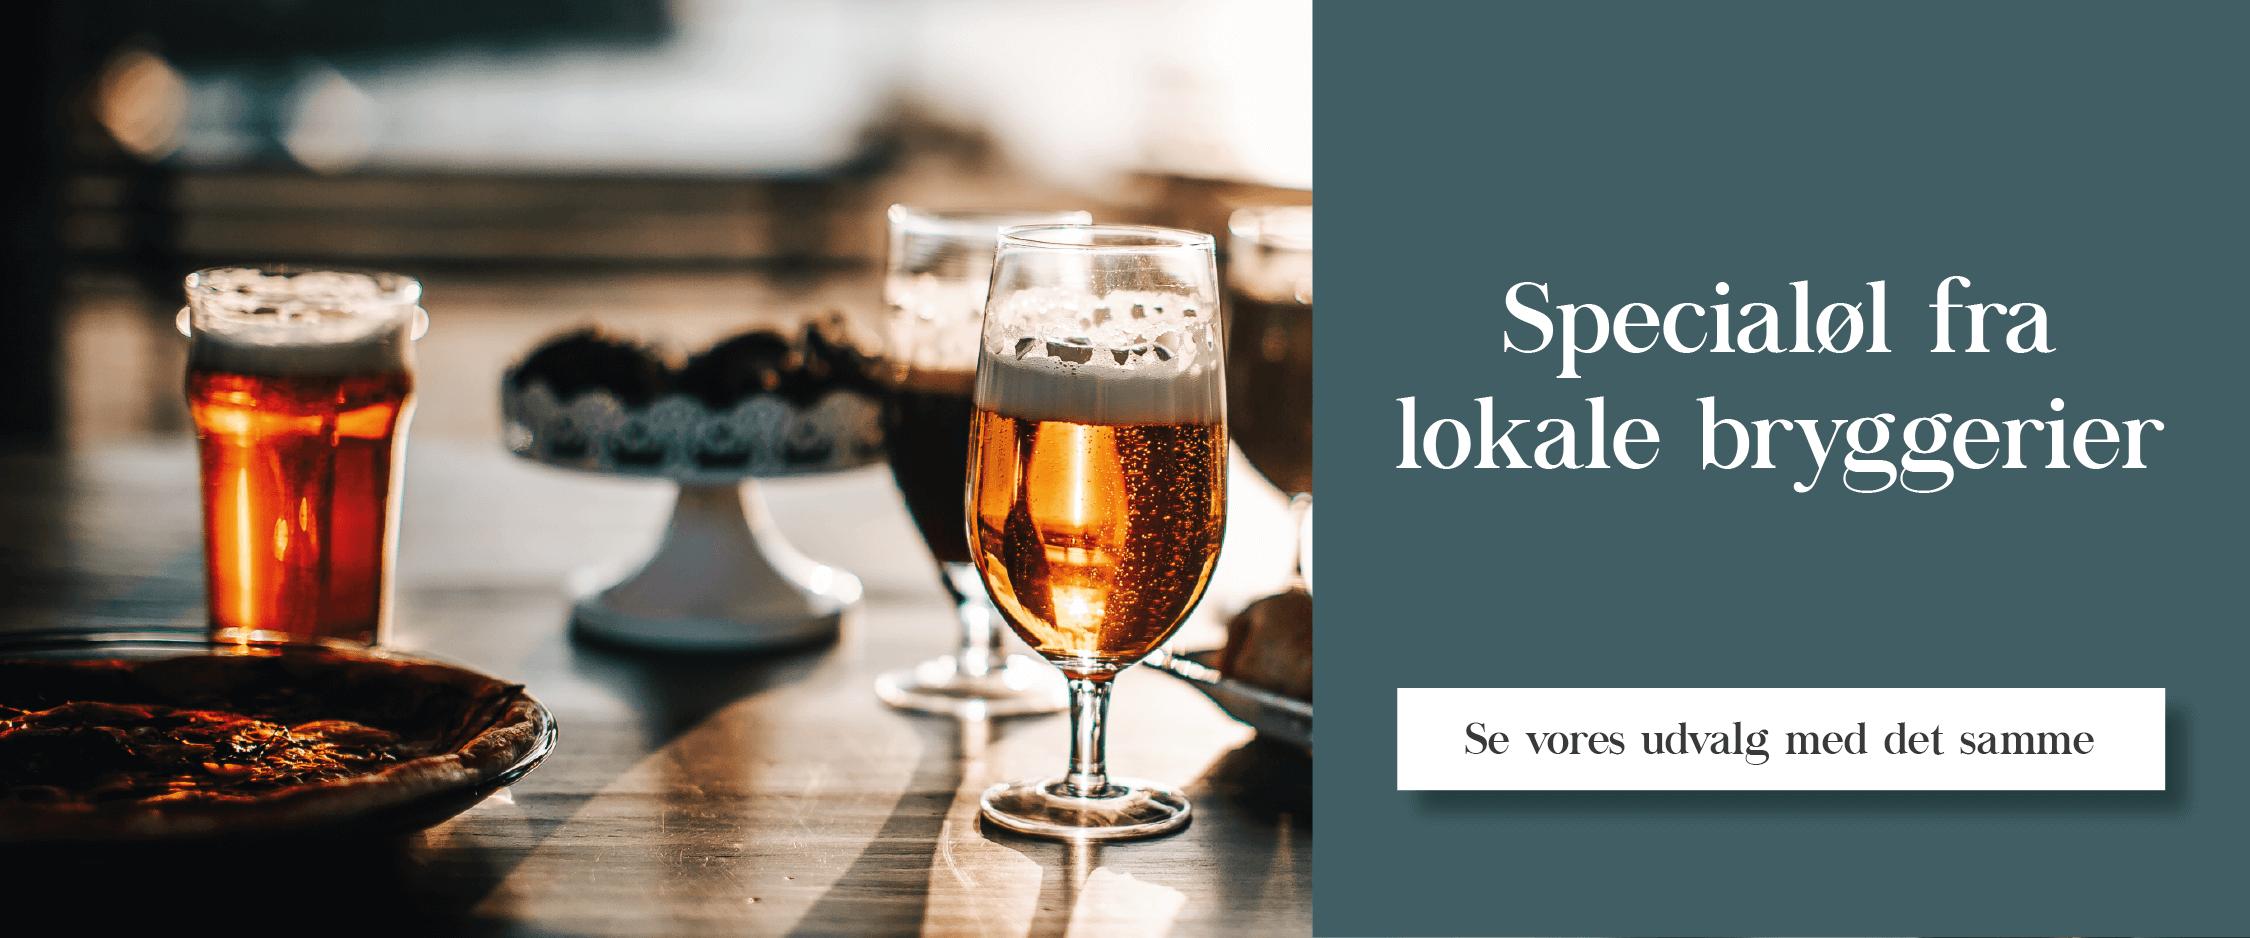 Egnskassen, specialøl, øl, bryggerier, Hancock, Fur Bryghus, Staarup Haandbryg